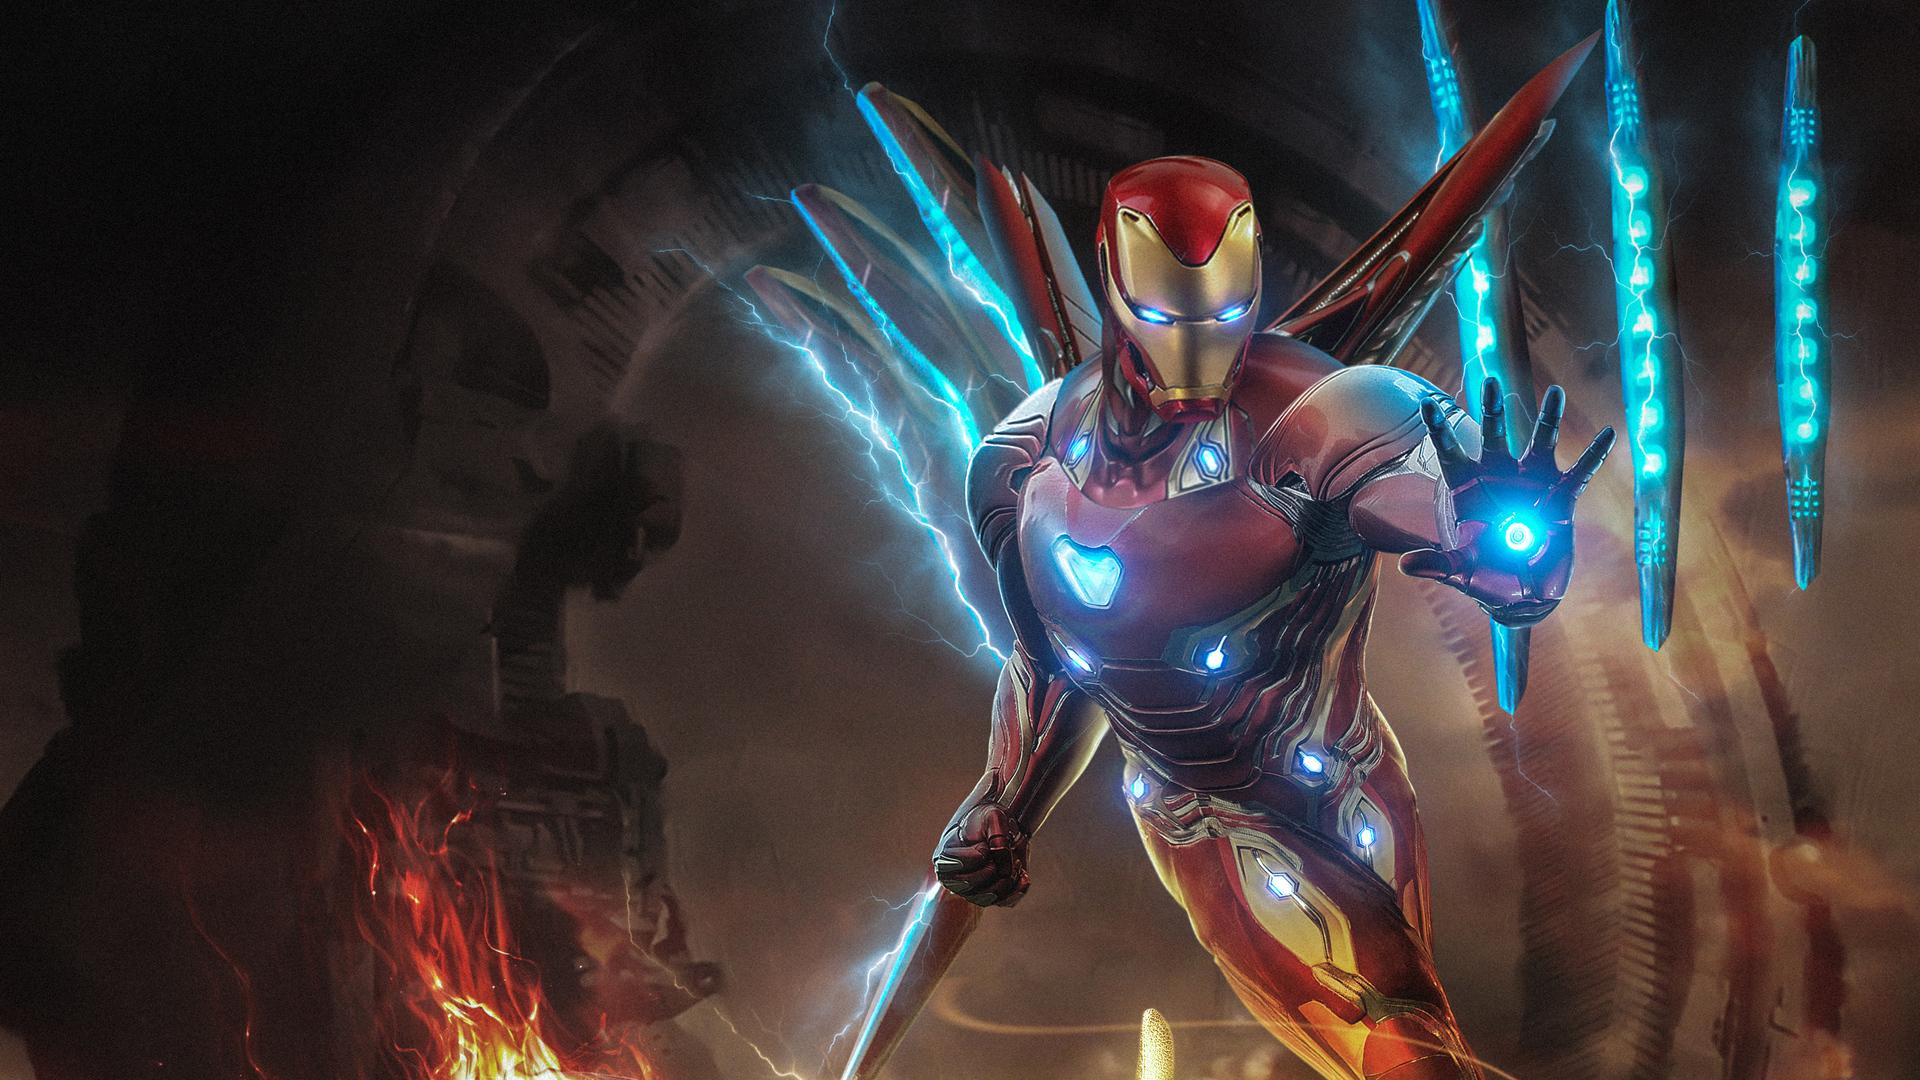 1920x1080 Iron Man Endgame Laptop Full Hd 1080p Hd 4k Wallpapers